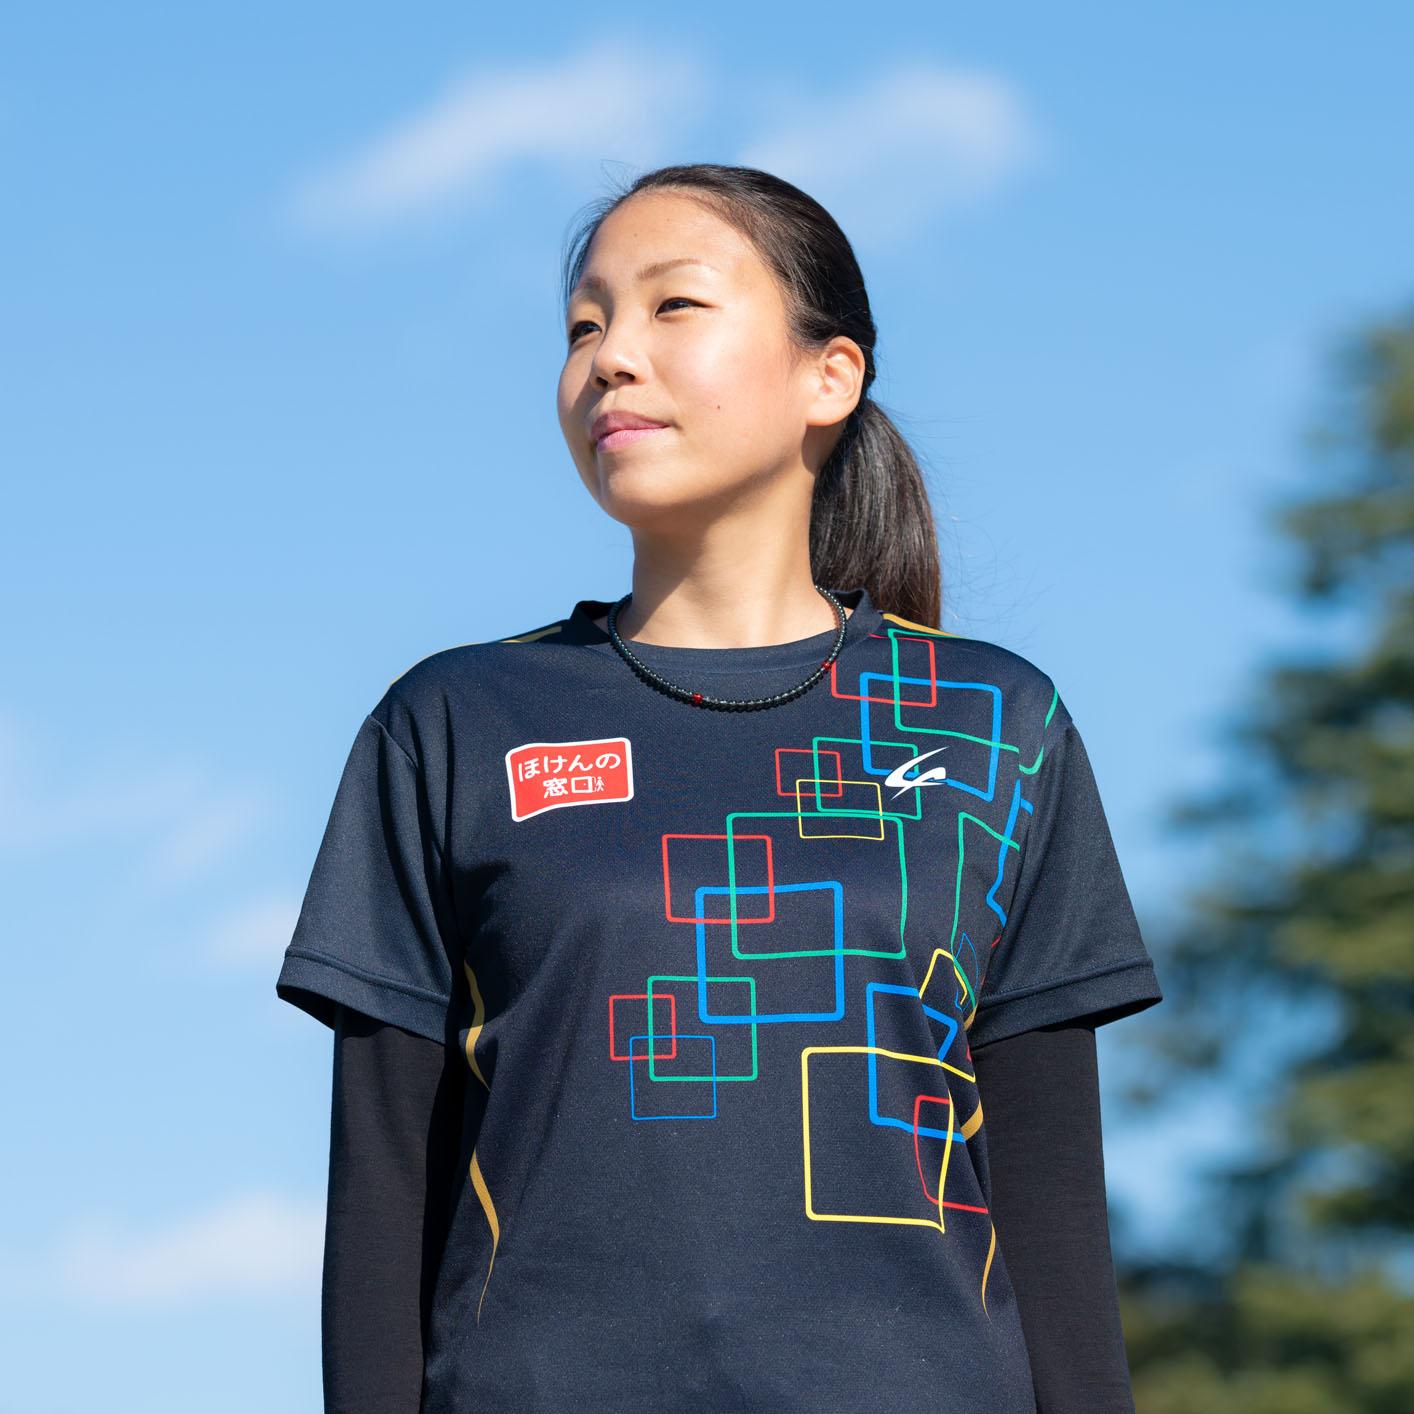 スポーツウェアを着た高田さんの写真